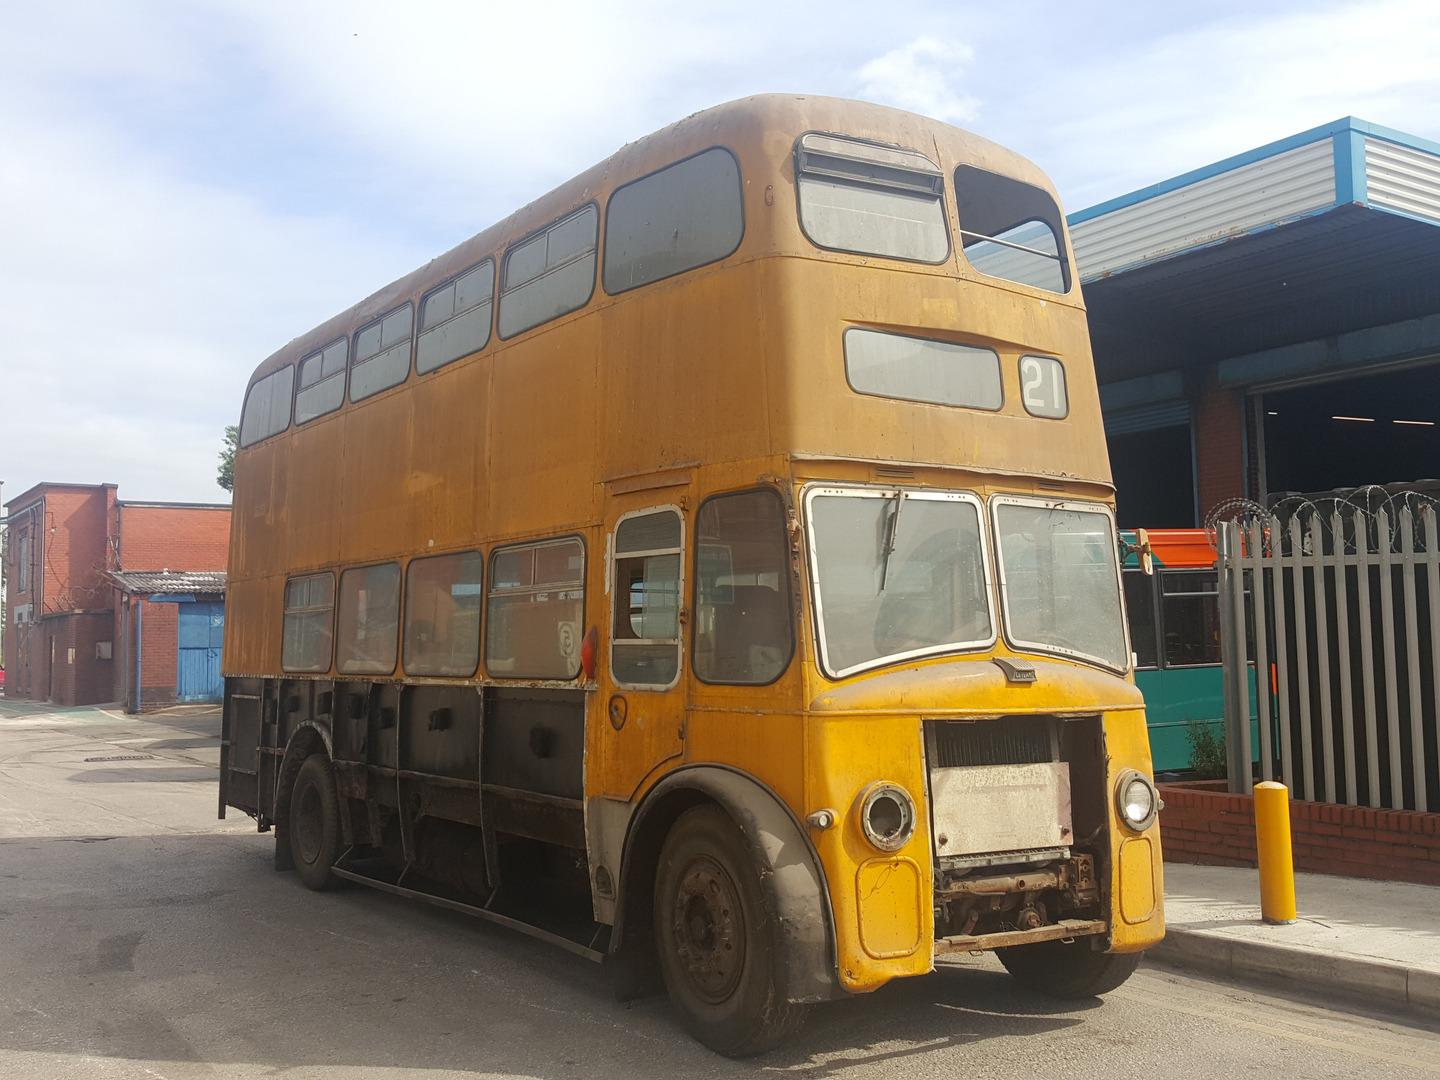 Blackpool346-3